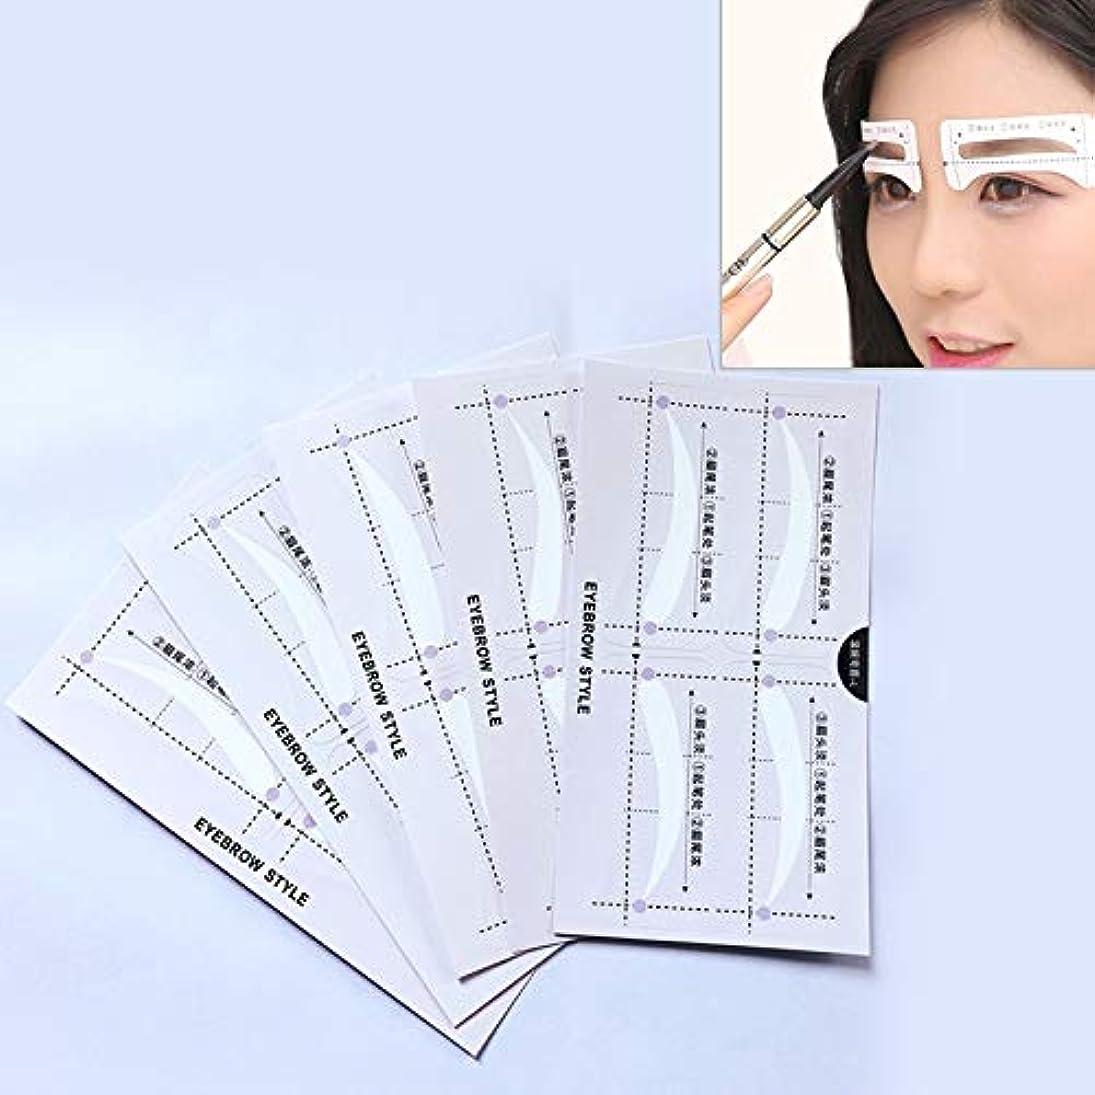 ブレンド手入れ教美容アクセサリー 10ペア眉ステンシル形状テンプレート化粧ステッカー 写真美容アクセサリー